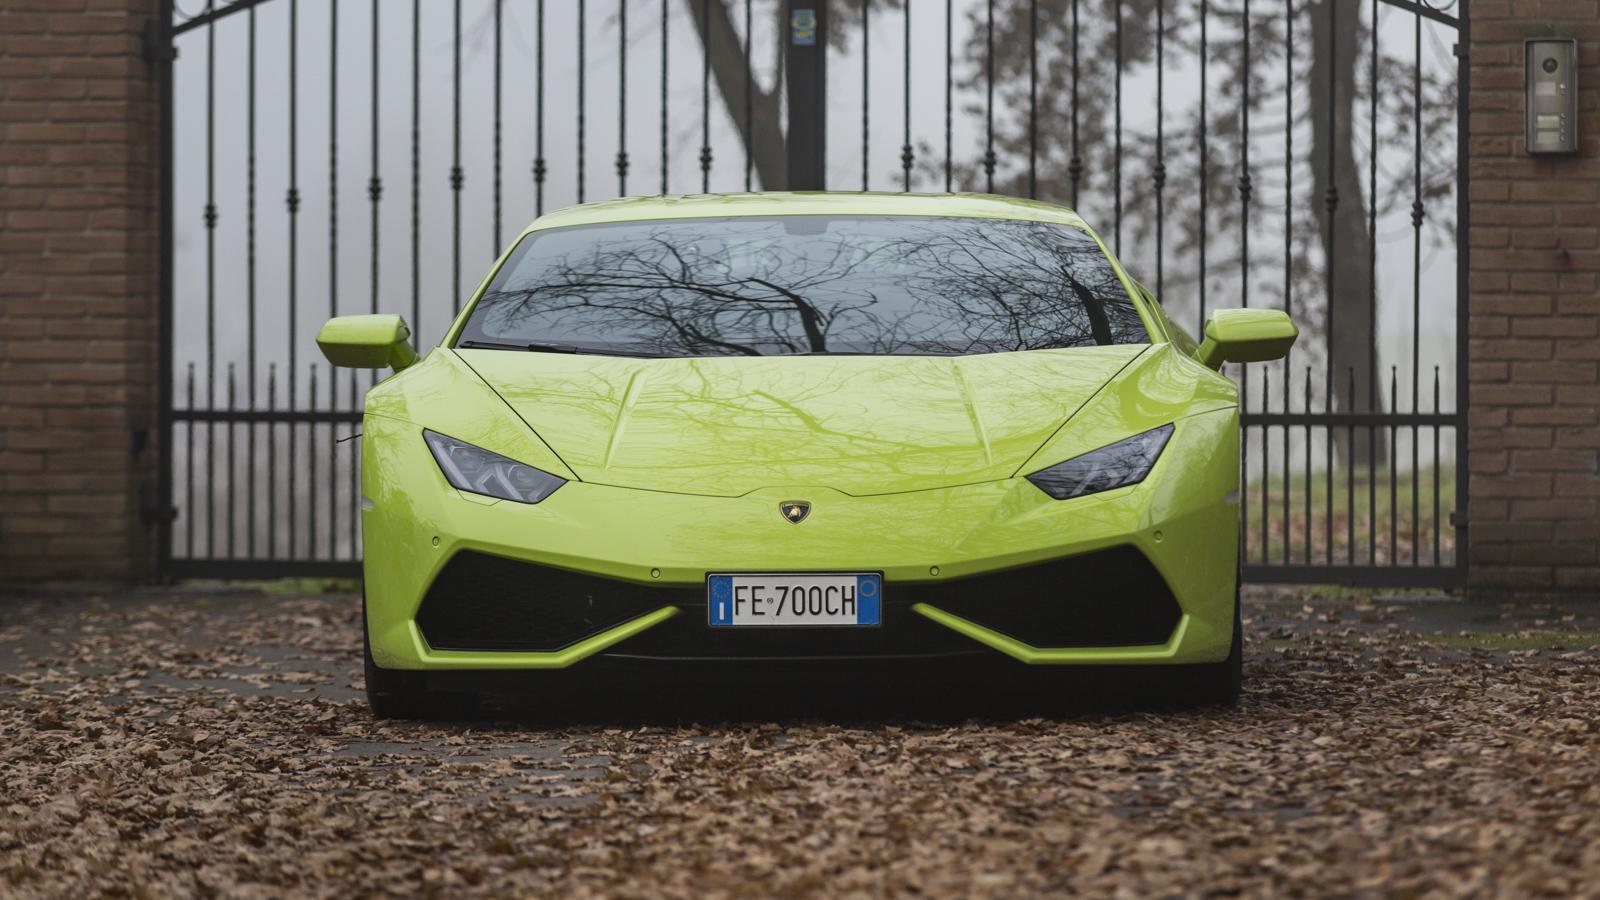 Test_Drive_Lamborghini_Huracan_LP610-4_25